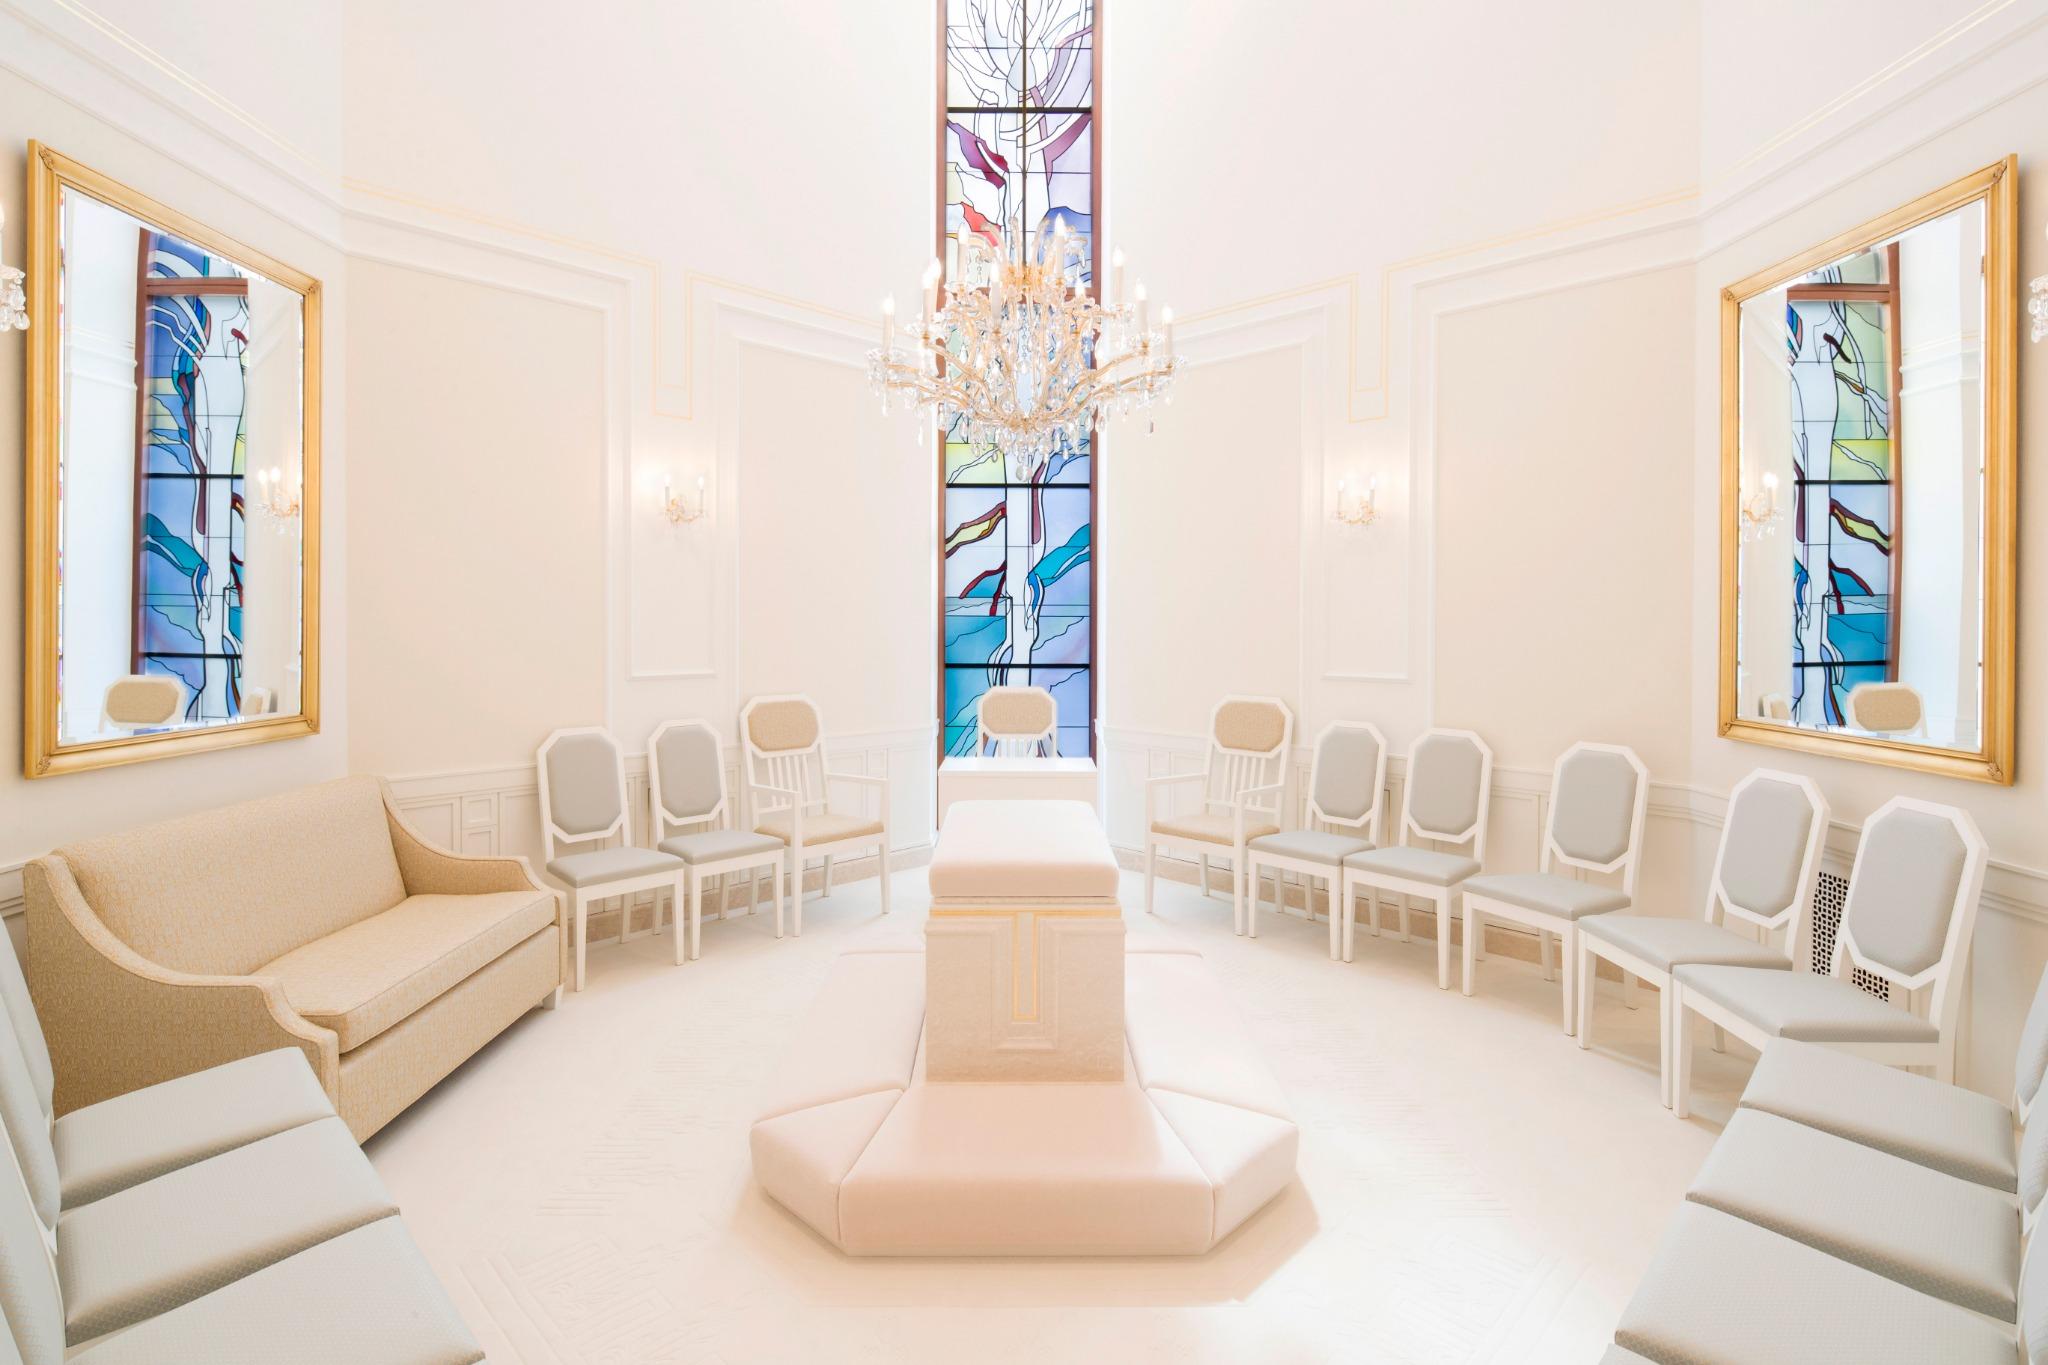 Sala de selamento no Templo de Frankfurt Alemanha.